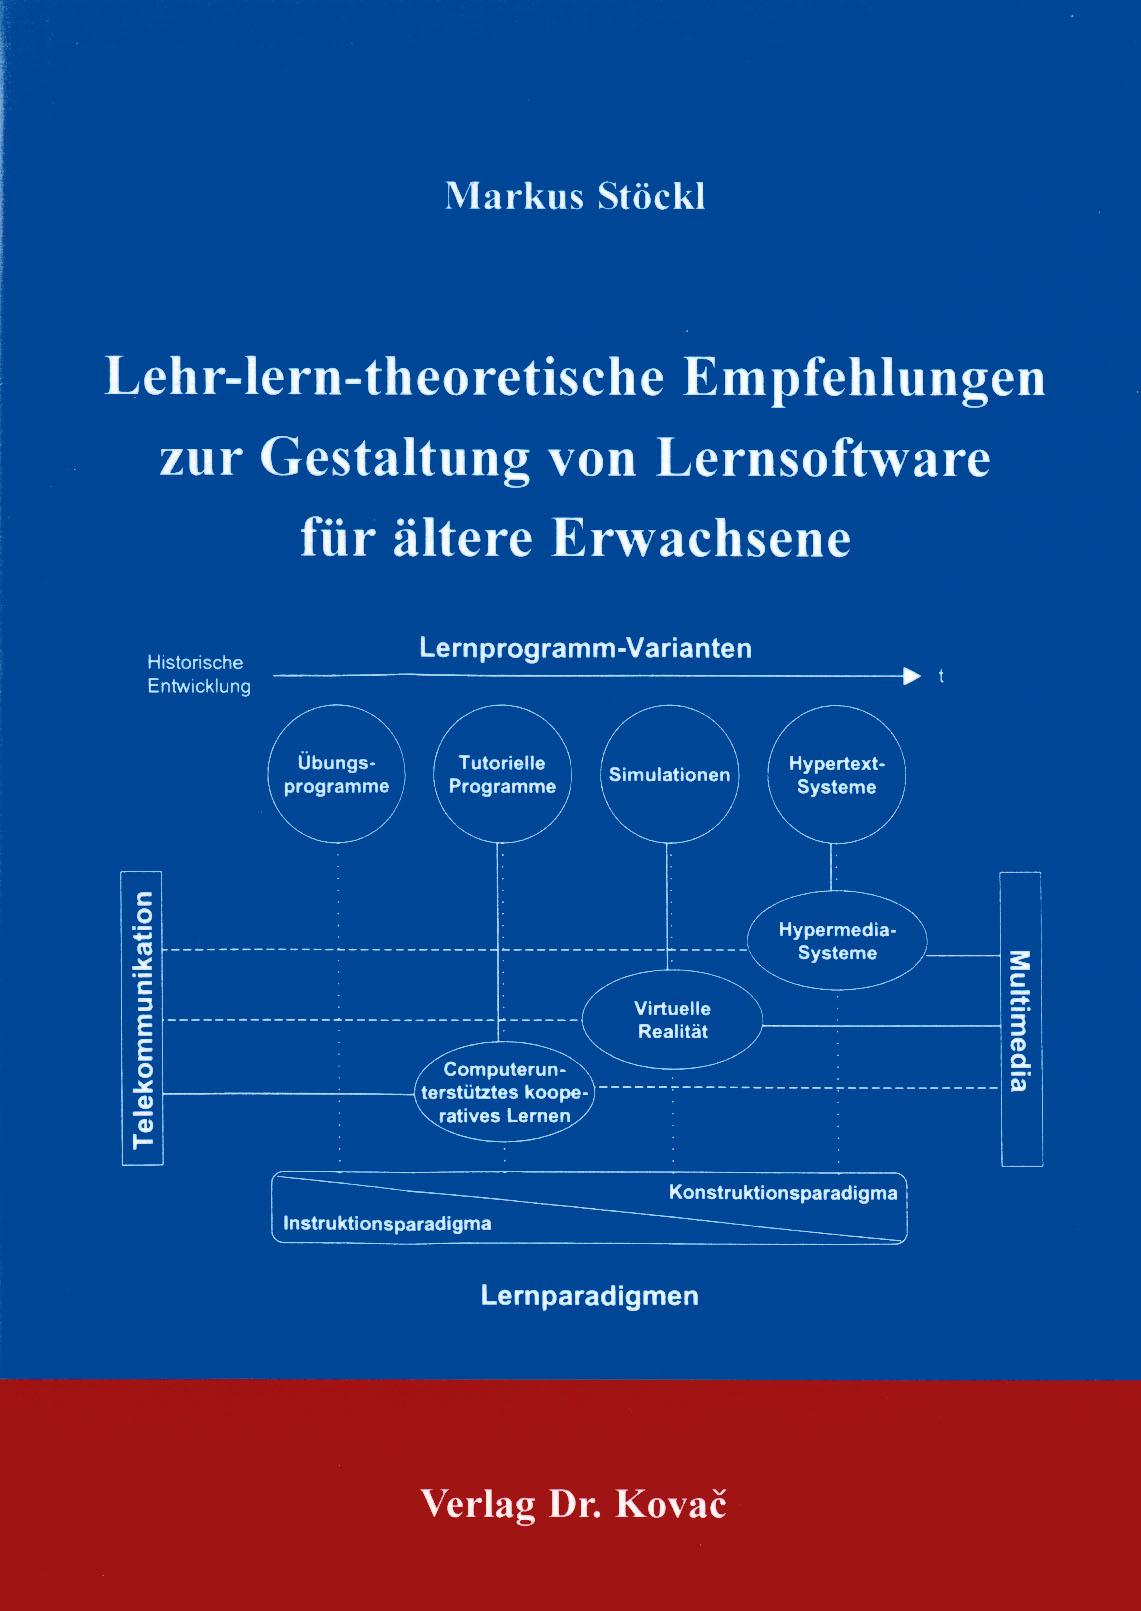 Cover: Lehr-lern-theoretische Empfehlungen zur Gestaltung von Lernsoftware für ältere Erwachsene